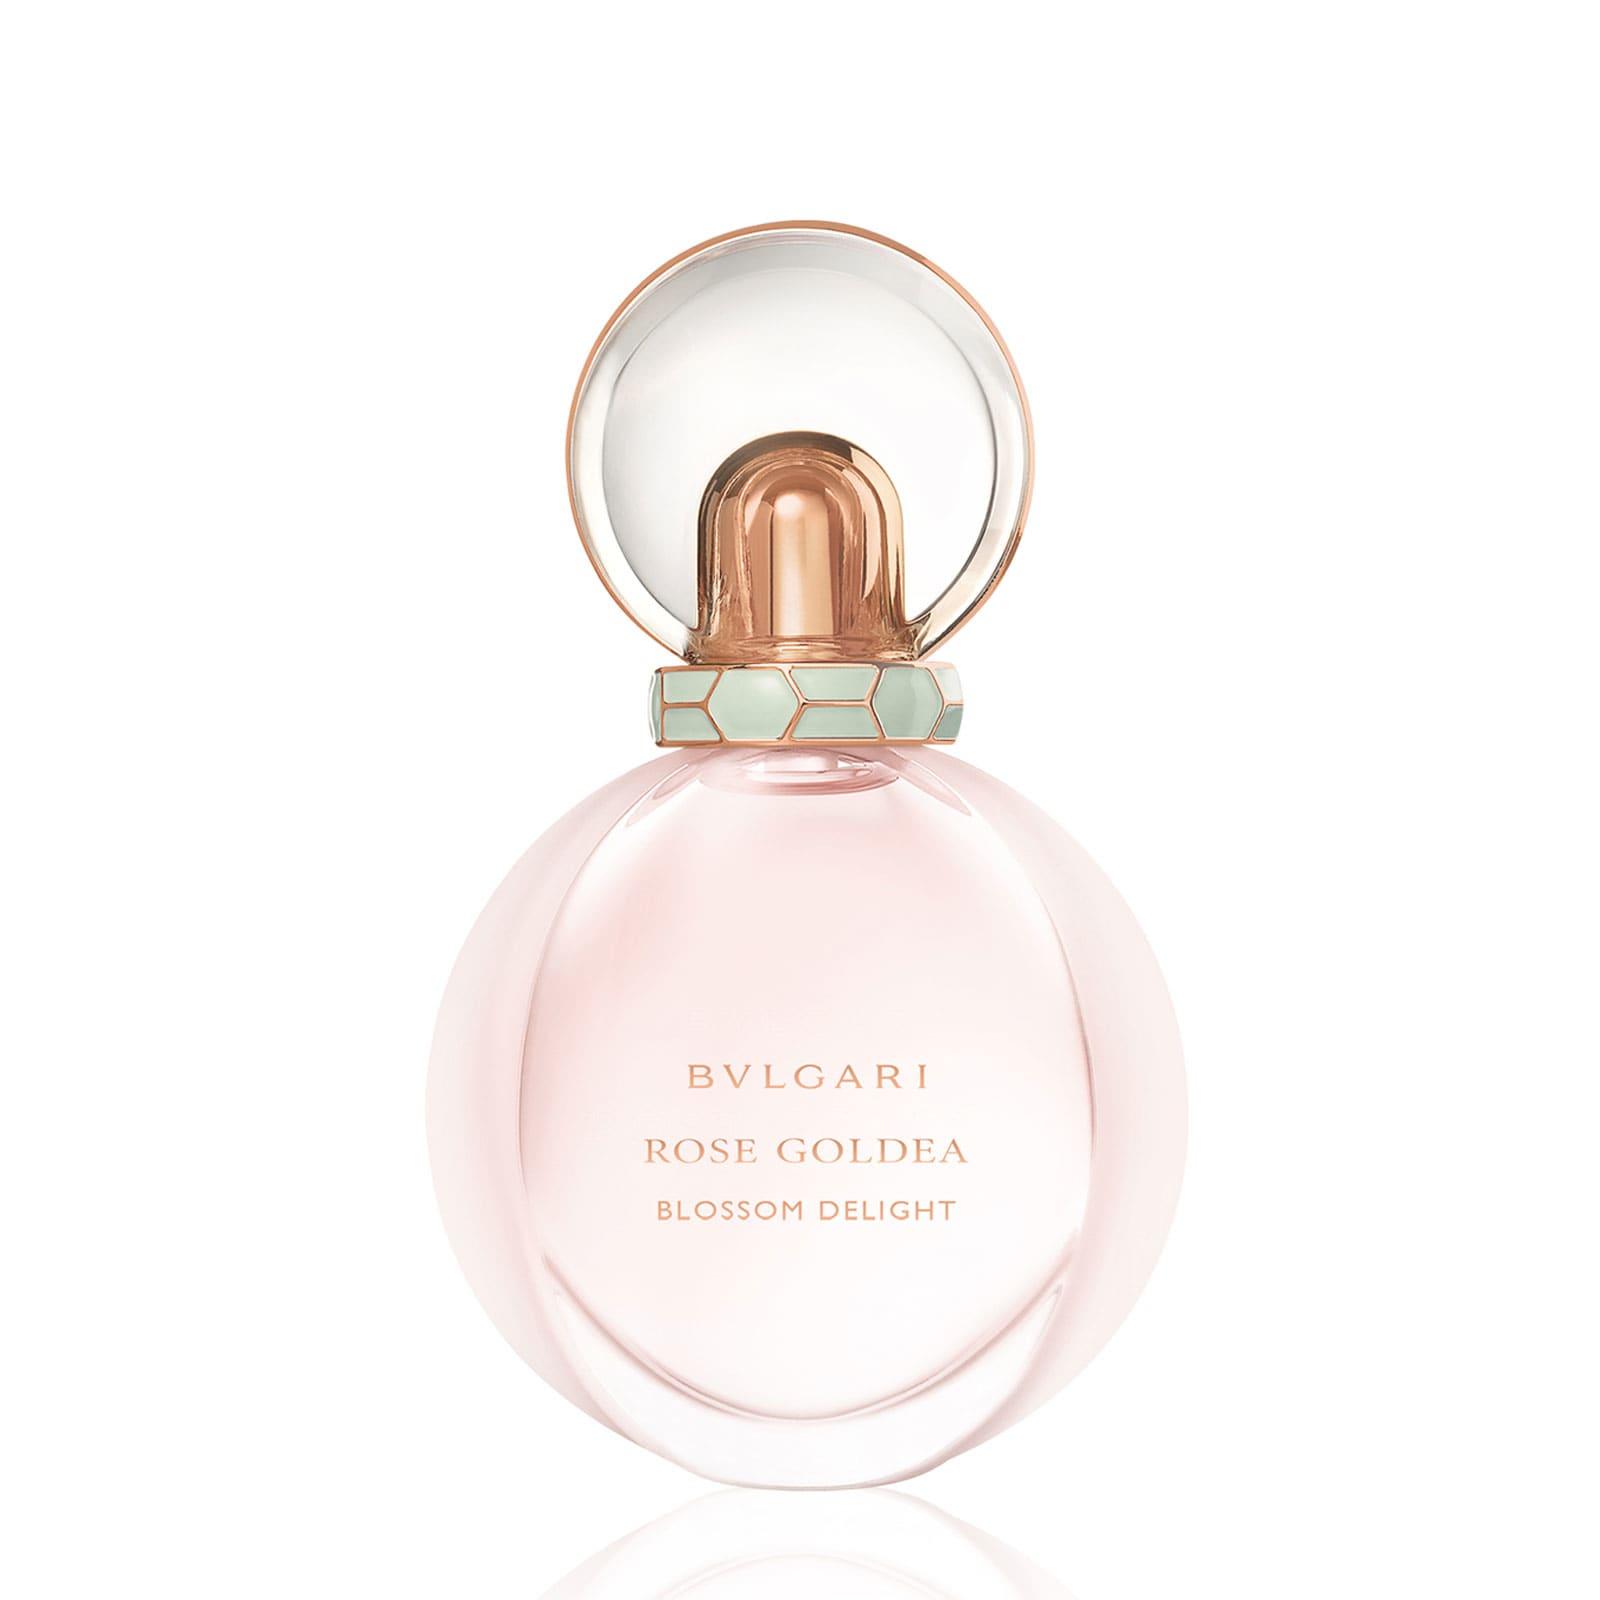 Bvlgari Rose Goldea Blossom Delight Eau de Parfum 141 лв. Почитателите на розовите аромати ще останат очаровани и от това предложение, този път от Bvlgari. Основата е класическа с роза дамасцена, но отгоре са наслоени и други нотки като жасмин и мускус.